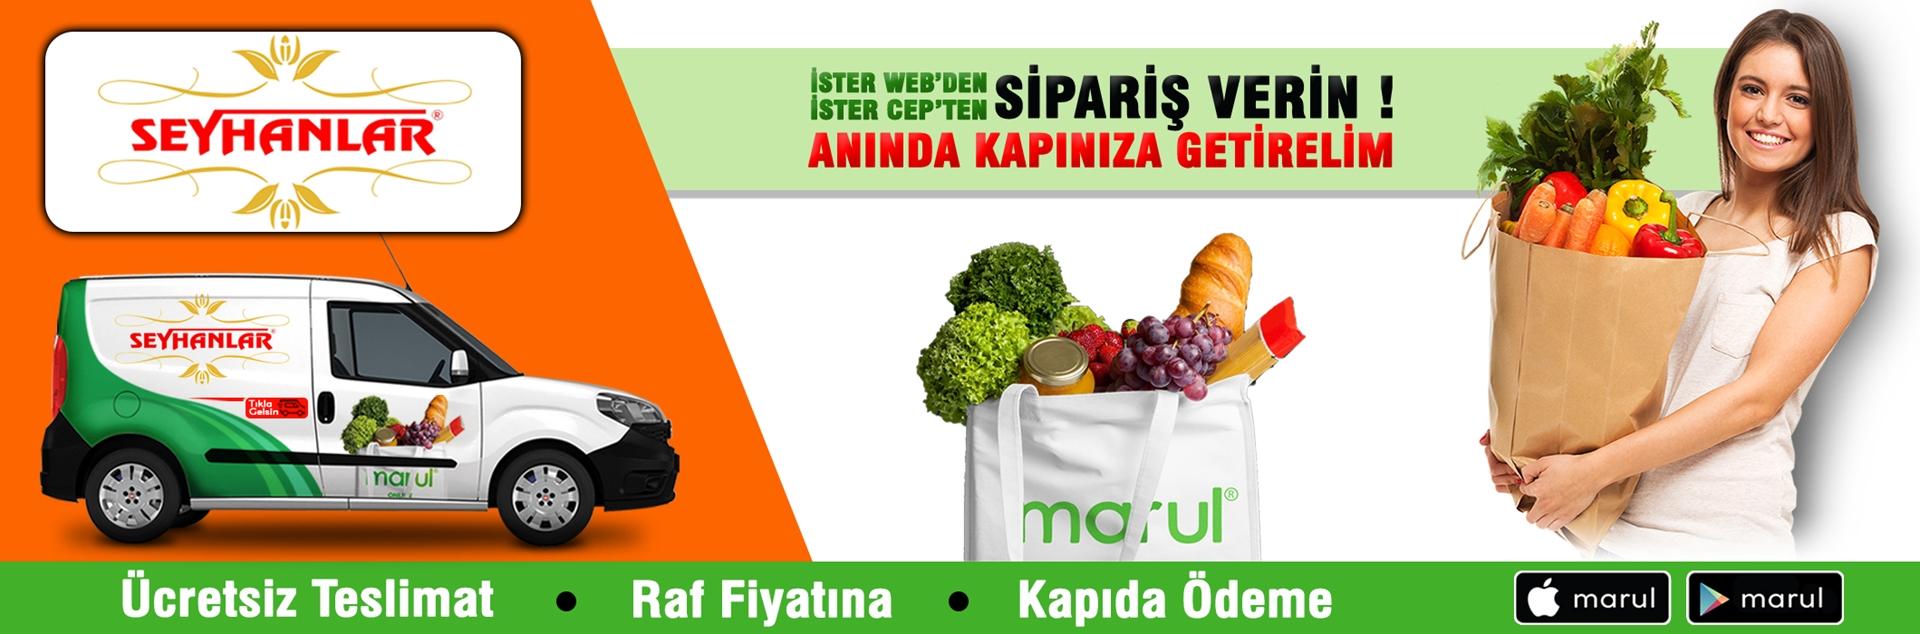 seyhanlar market online market siparişi bulgurlu şubesi üsküdar